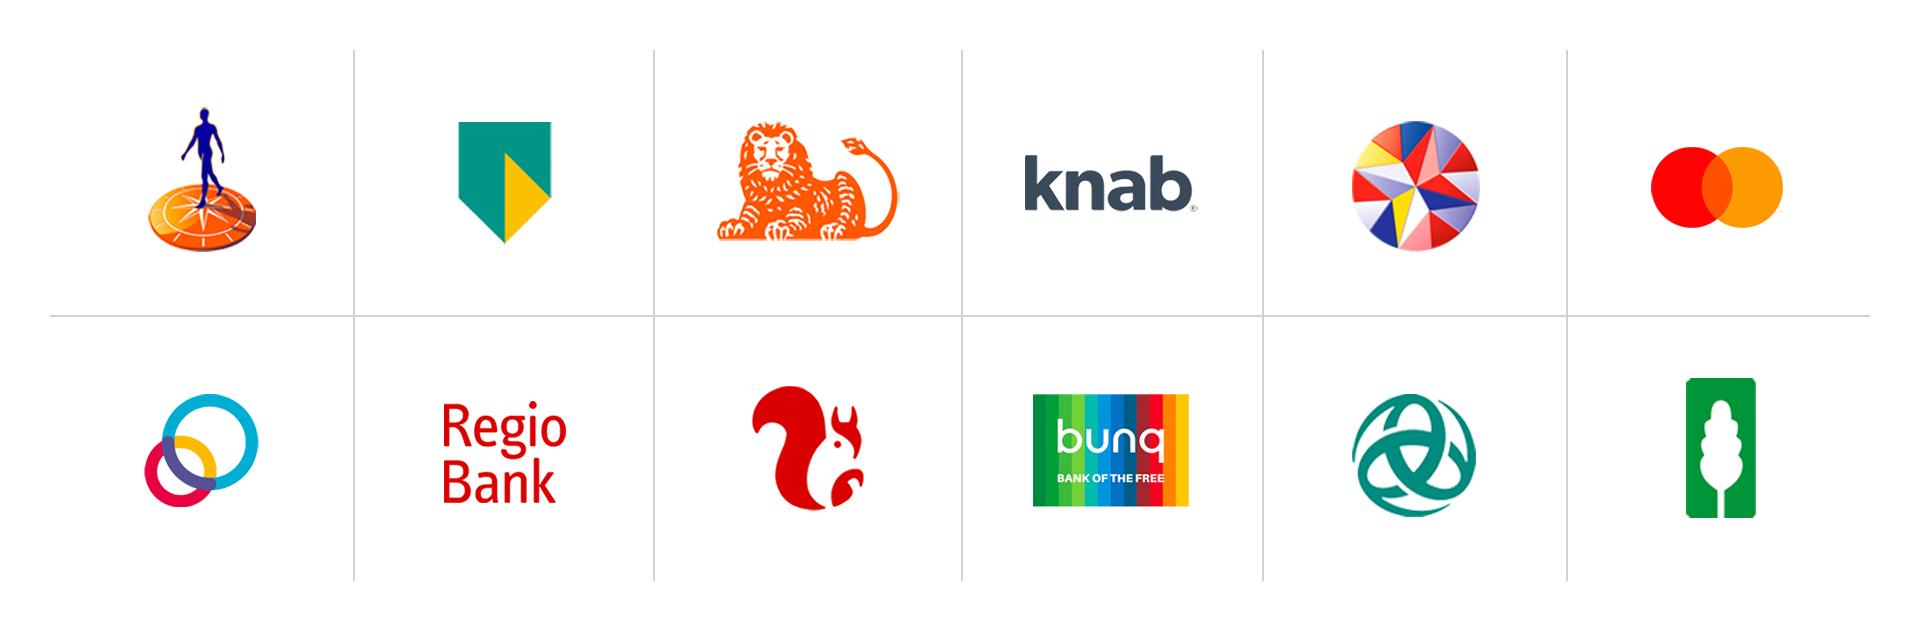 OK-app banken